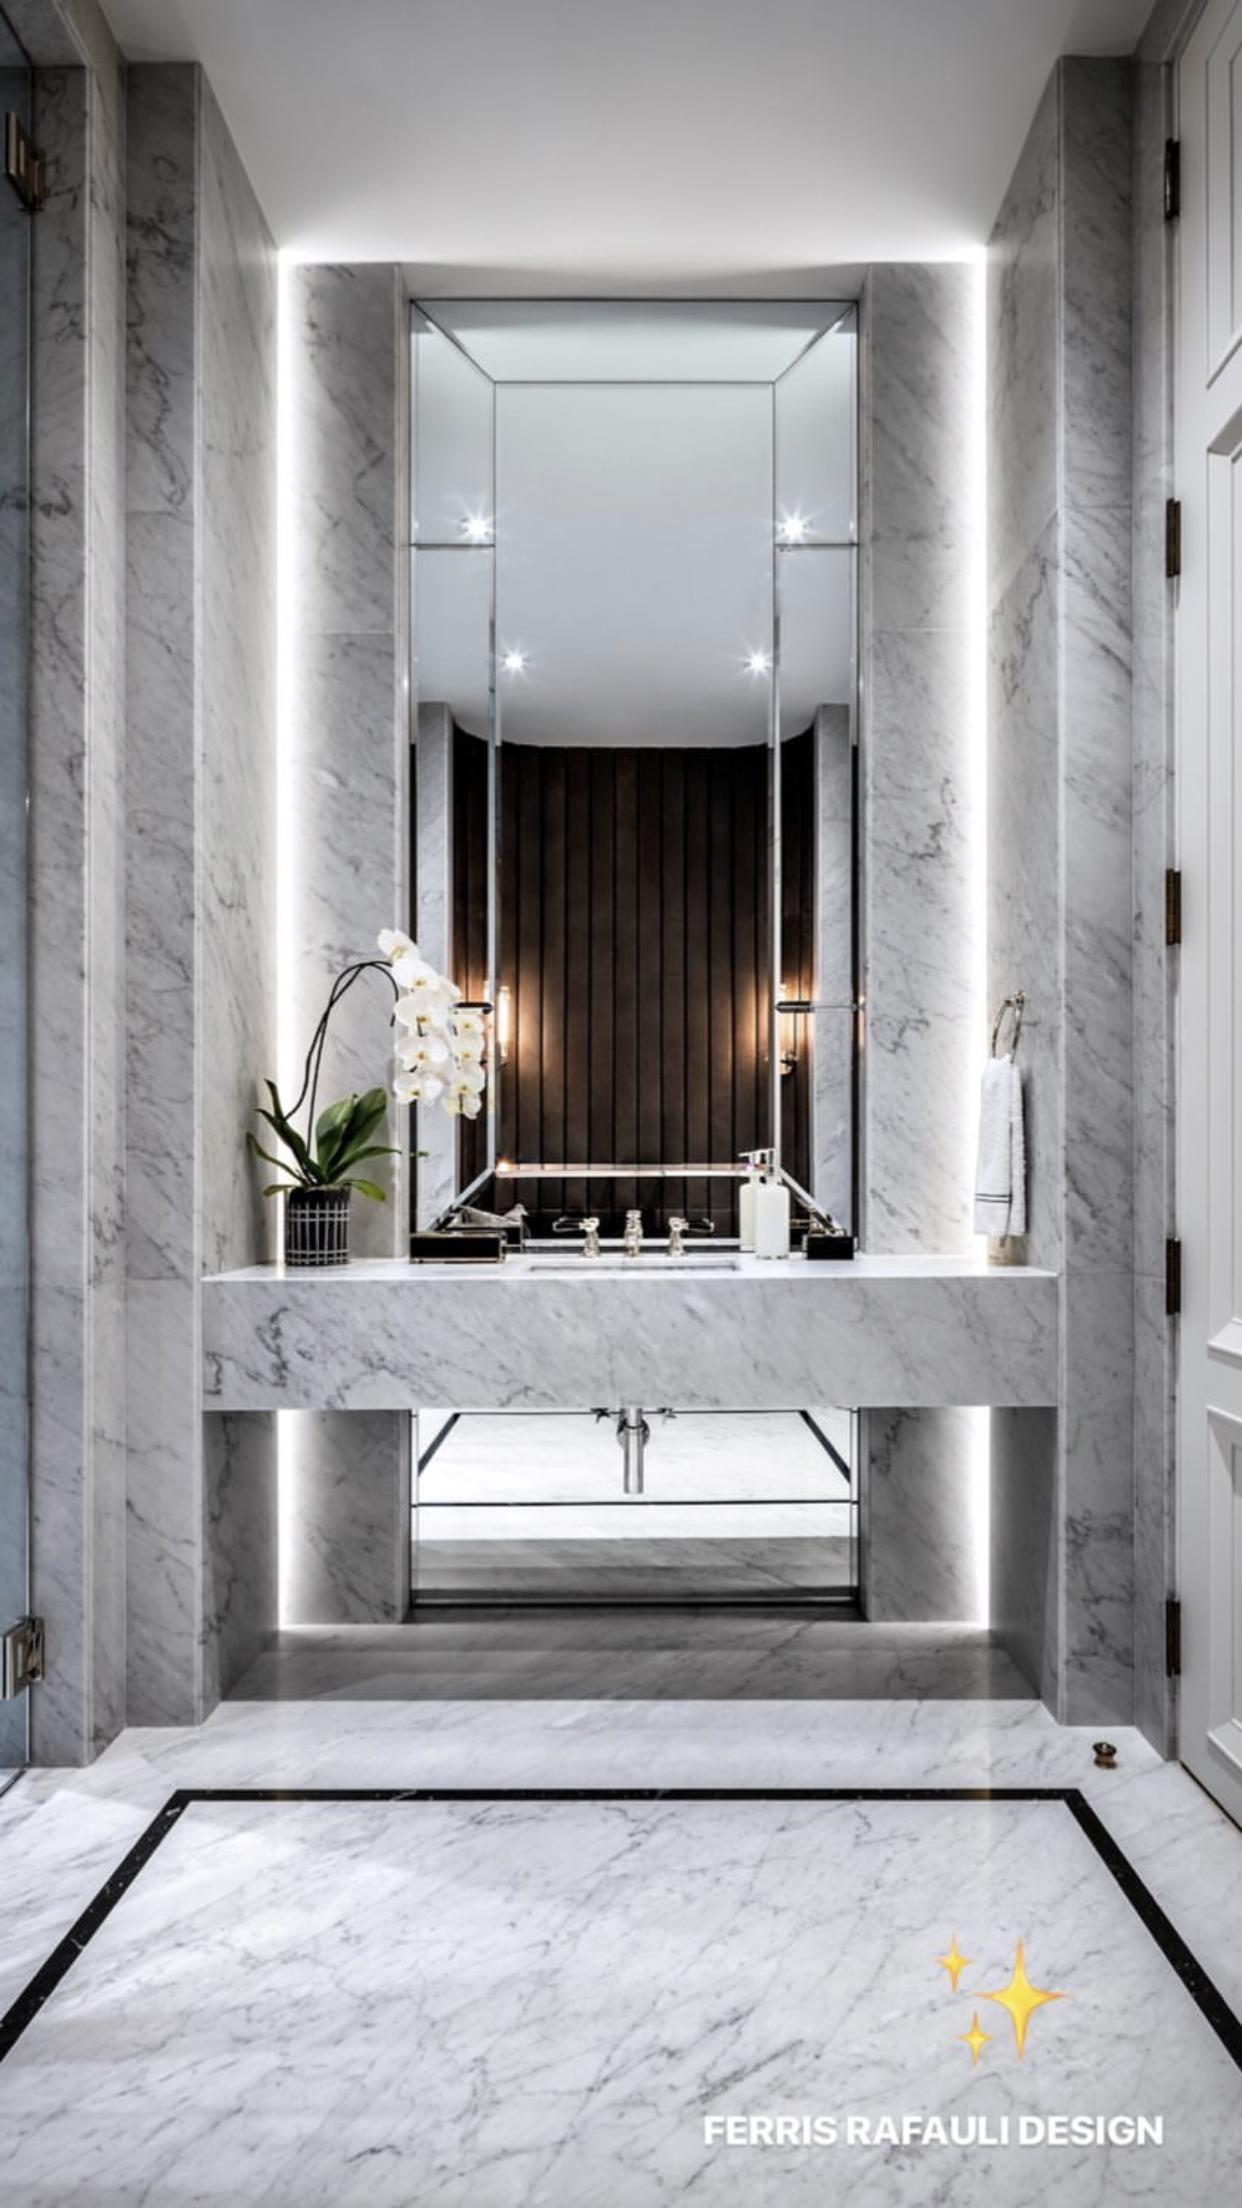 Nadire Atas On Luxury Marble Bathrooms Minimalist Bathroom Design Luxury Powder Room Elegant Bathroom